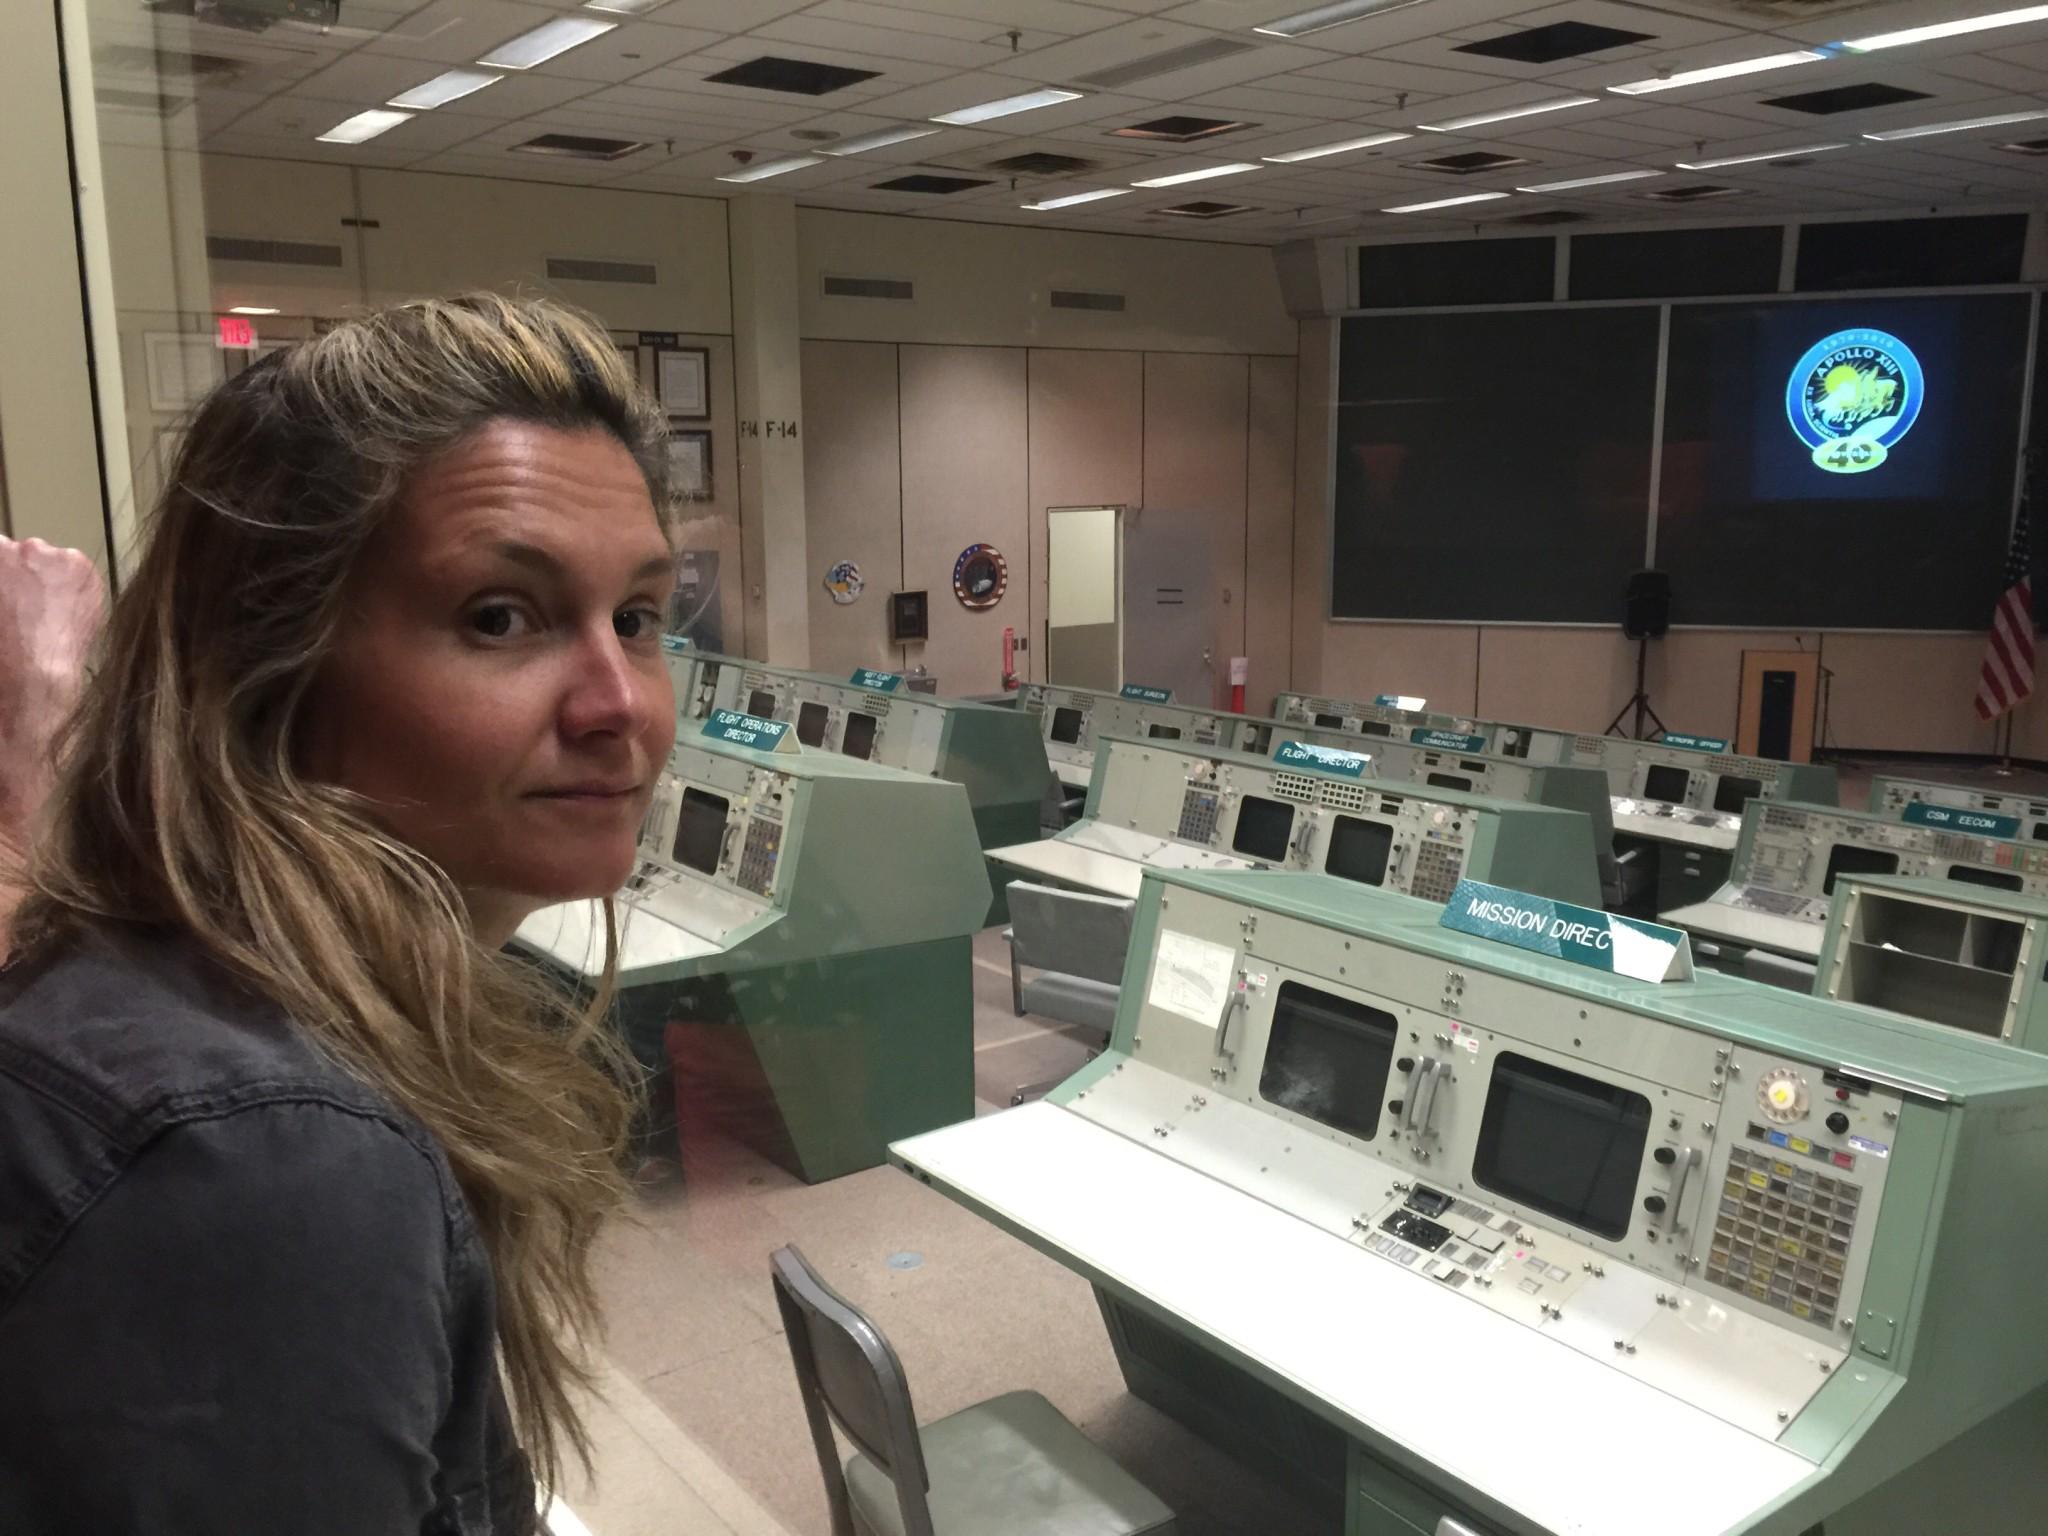 johnson space center apollo 13 - photo #42